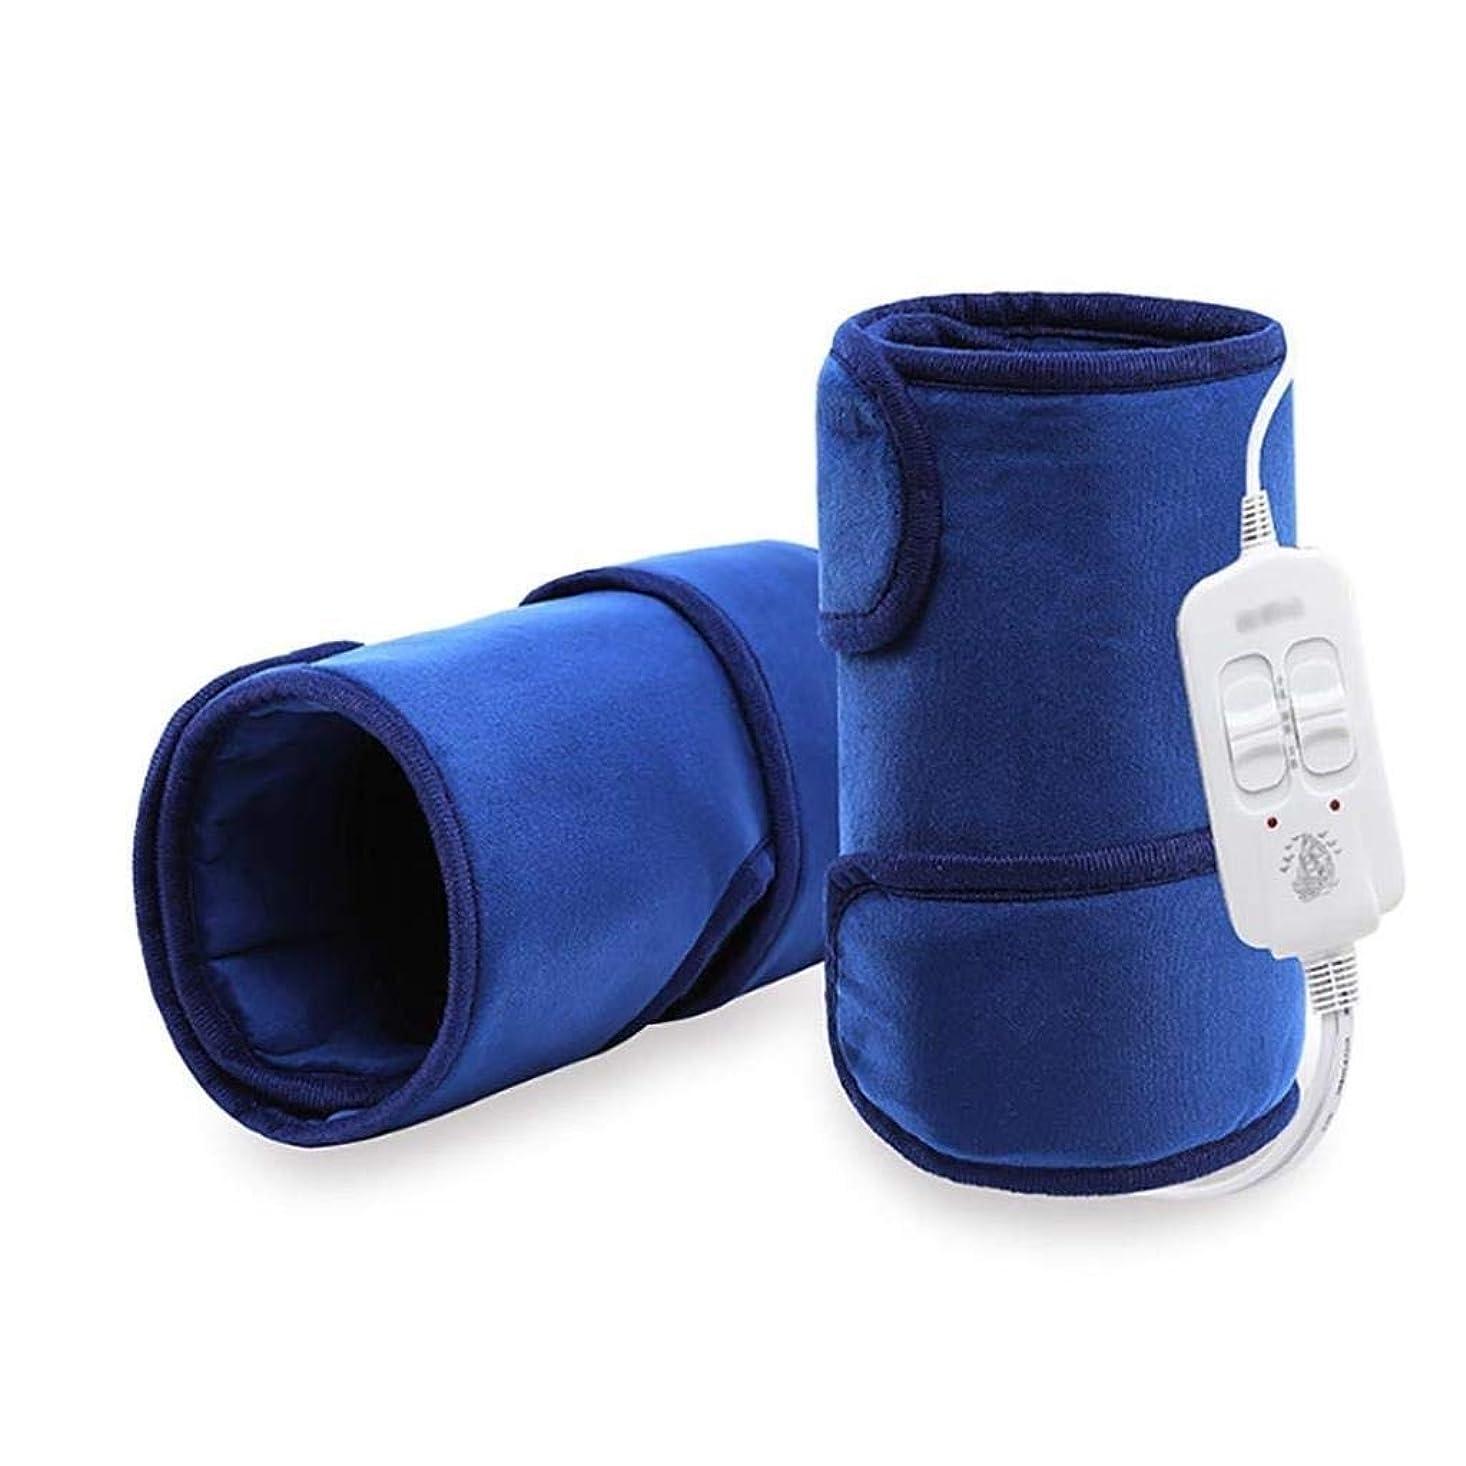 破滅的なボイド定期的にレッグケアマッサージャー、加熱膝パッド、脚Pad/温かい/温湿布/遠赤外線、血液循環を促進 (Color : 青)